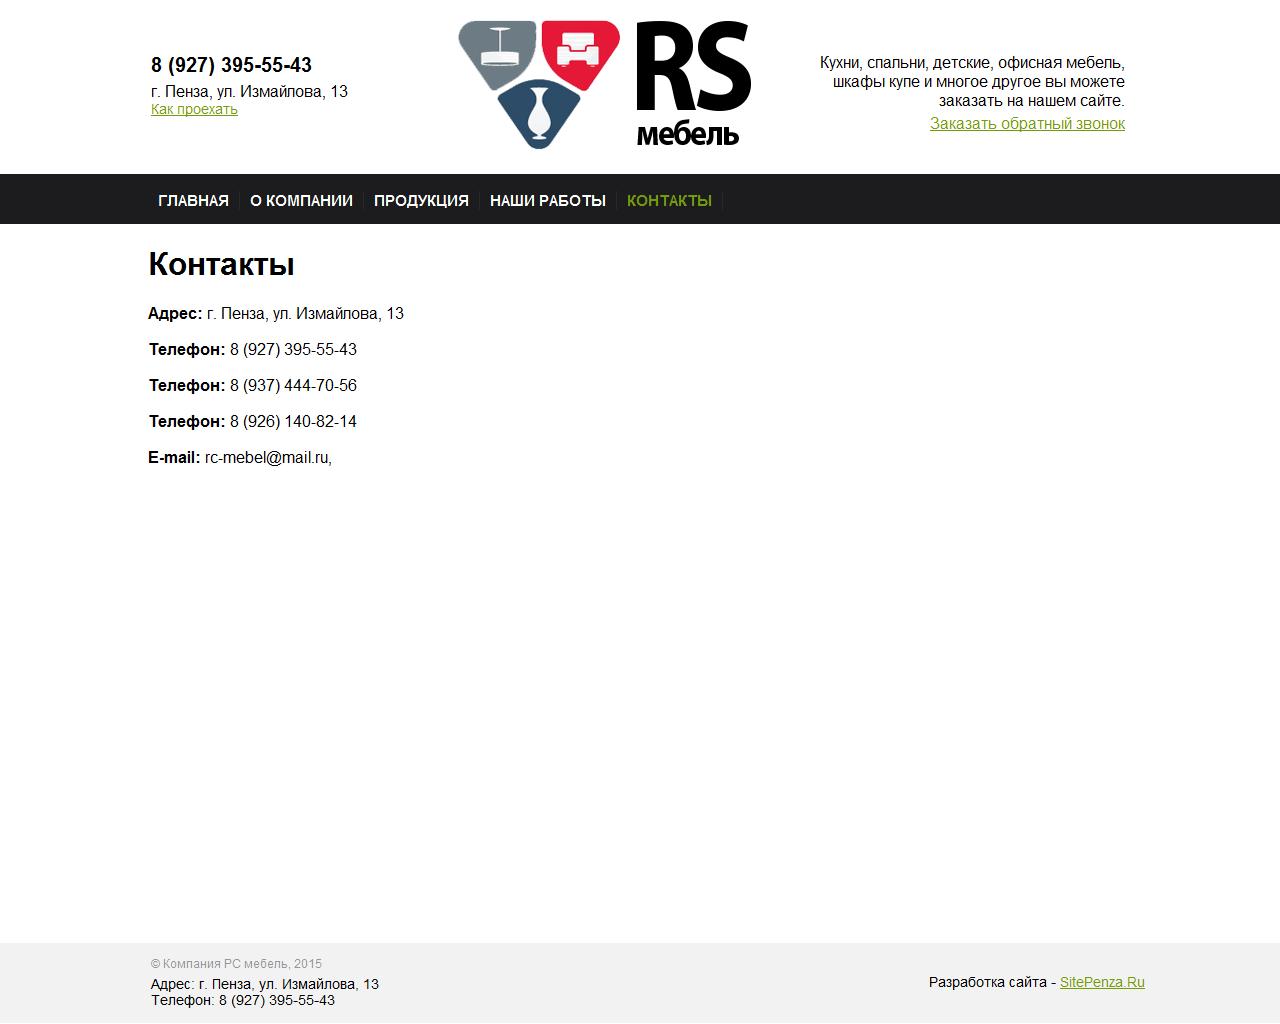 Компания «RSмебель» Пенза